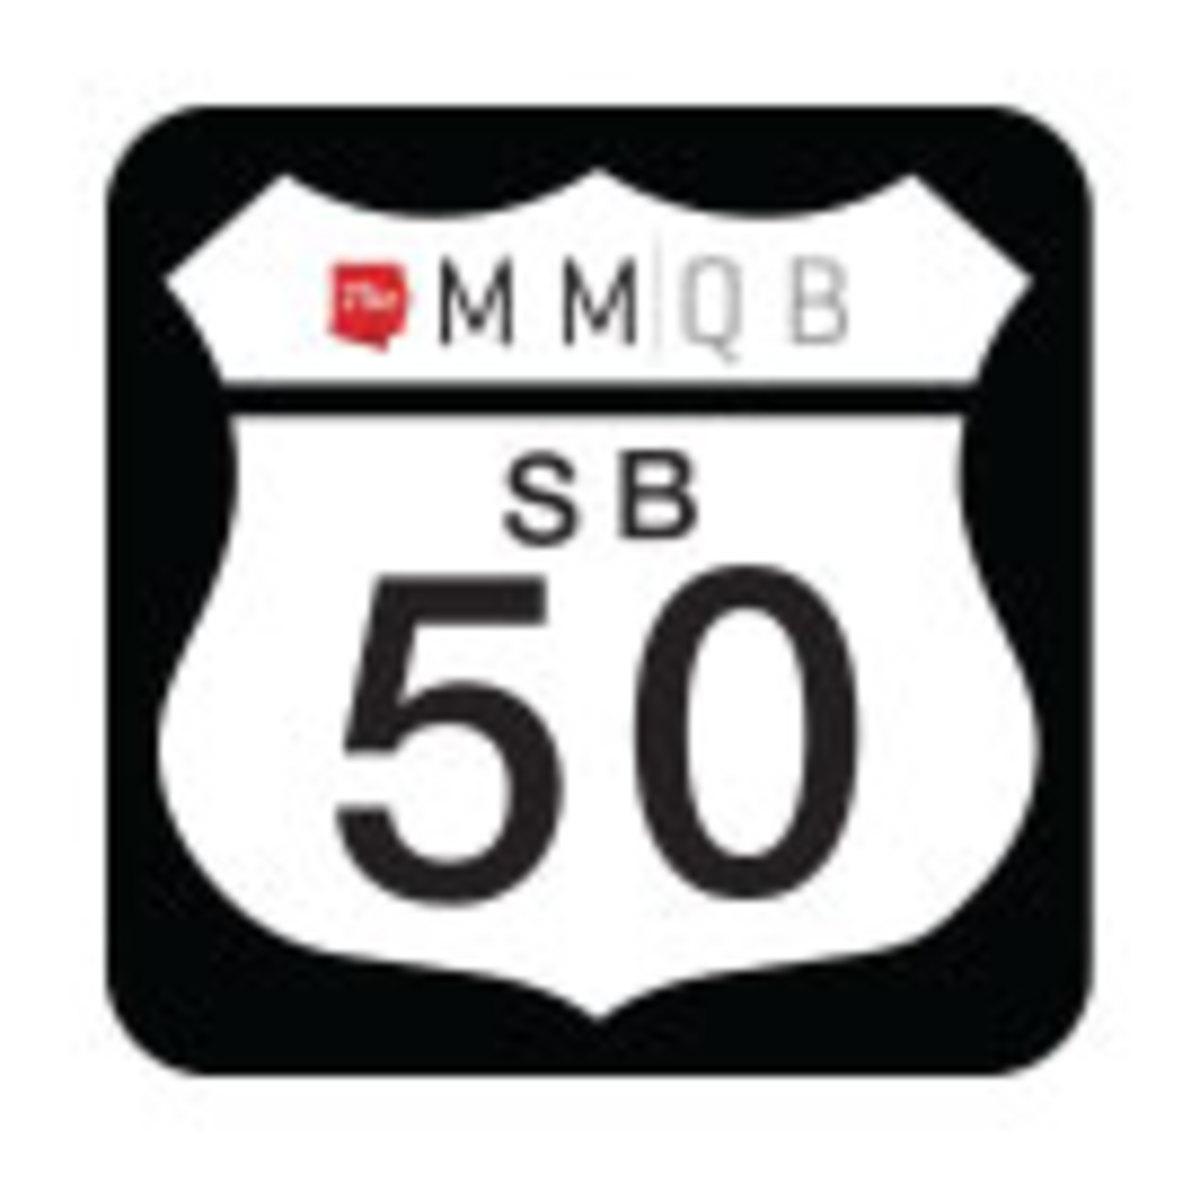 mmqb_sb50_sticker.jpg